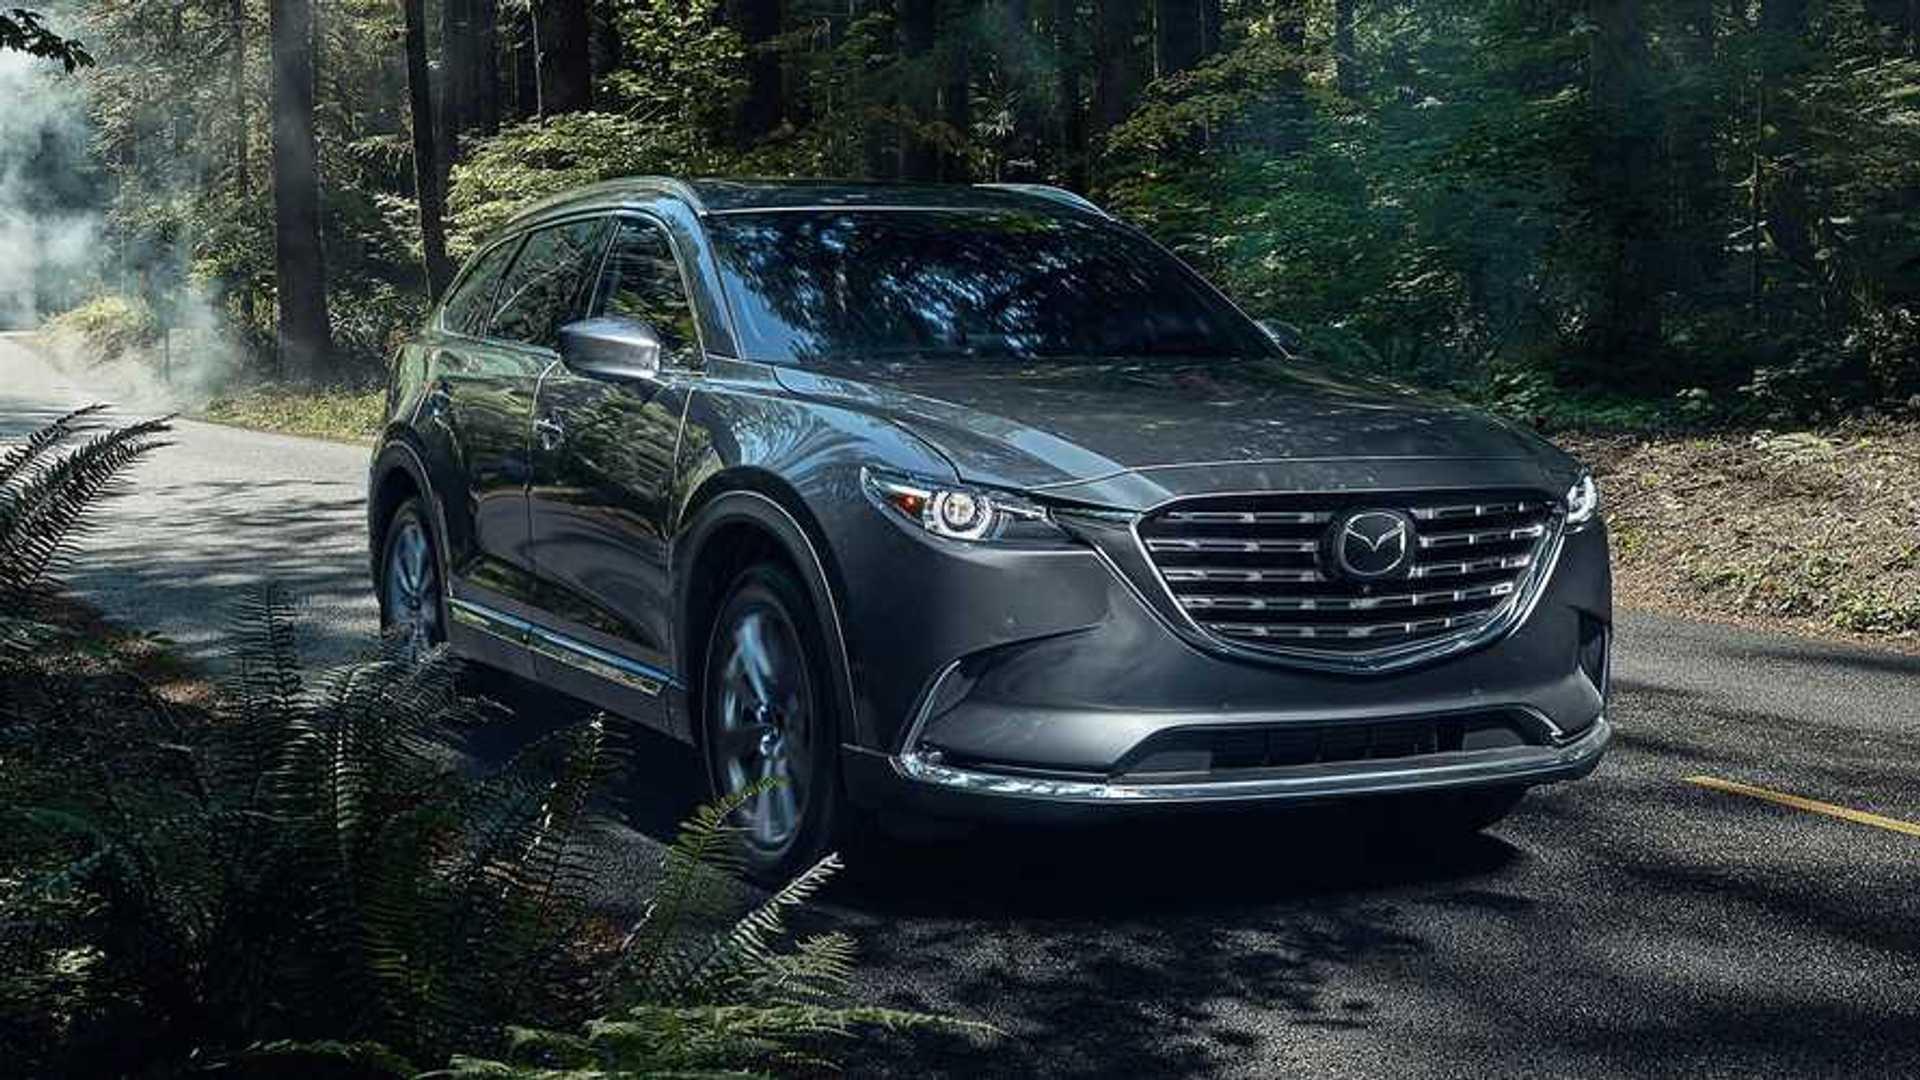 2021 Mazda CX-9 Price, Design and Review